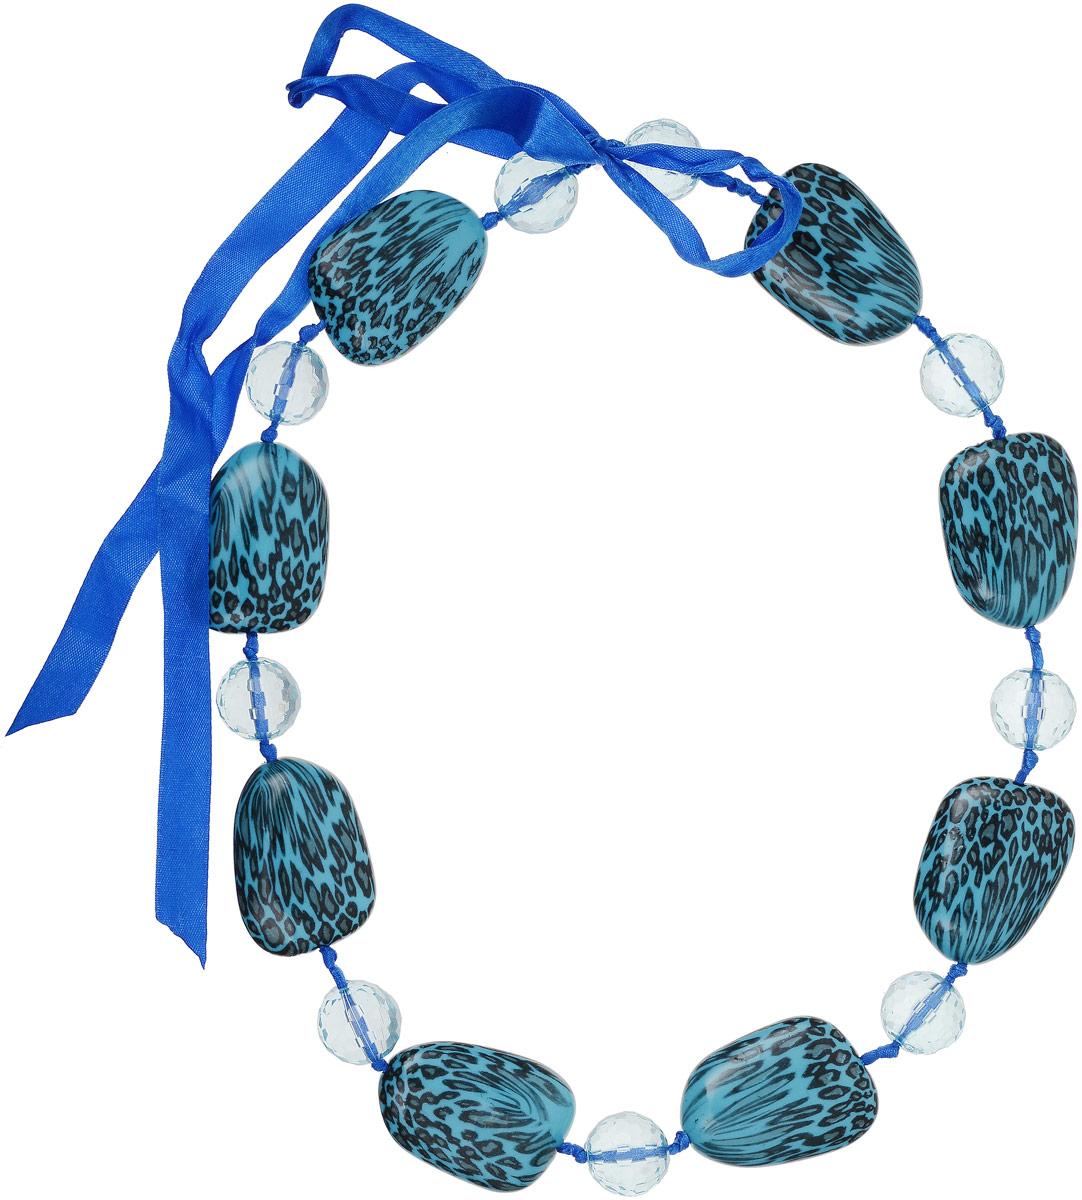 Ожерелье Art-Silver, цвет: бирюзовый. 35355-48235355-482Ожерелье Art-Silver на текстильной основе оформлено крупными искусственными камнями и бусинами. Модель завязывается на ленту.